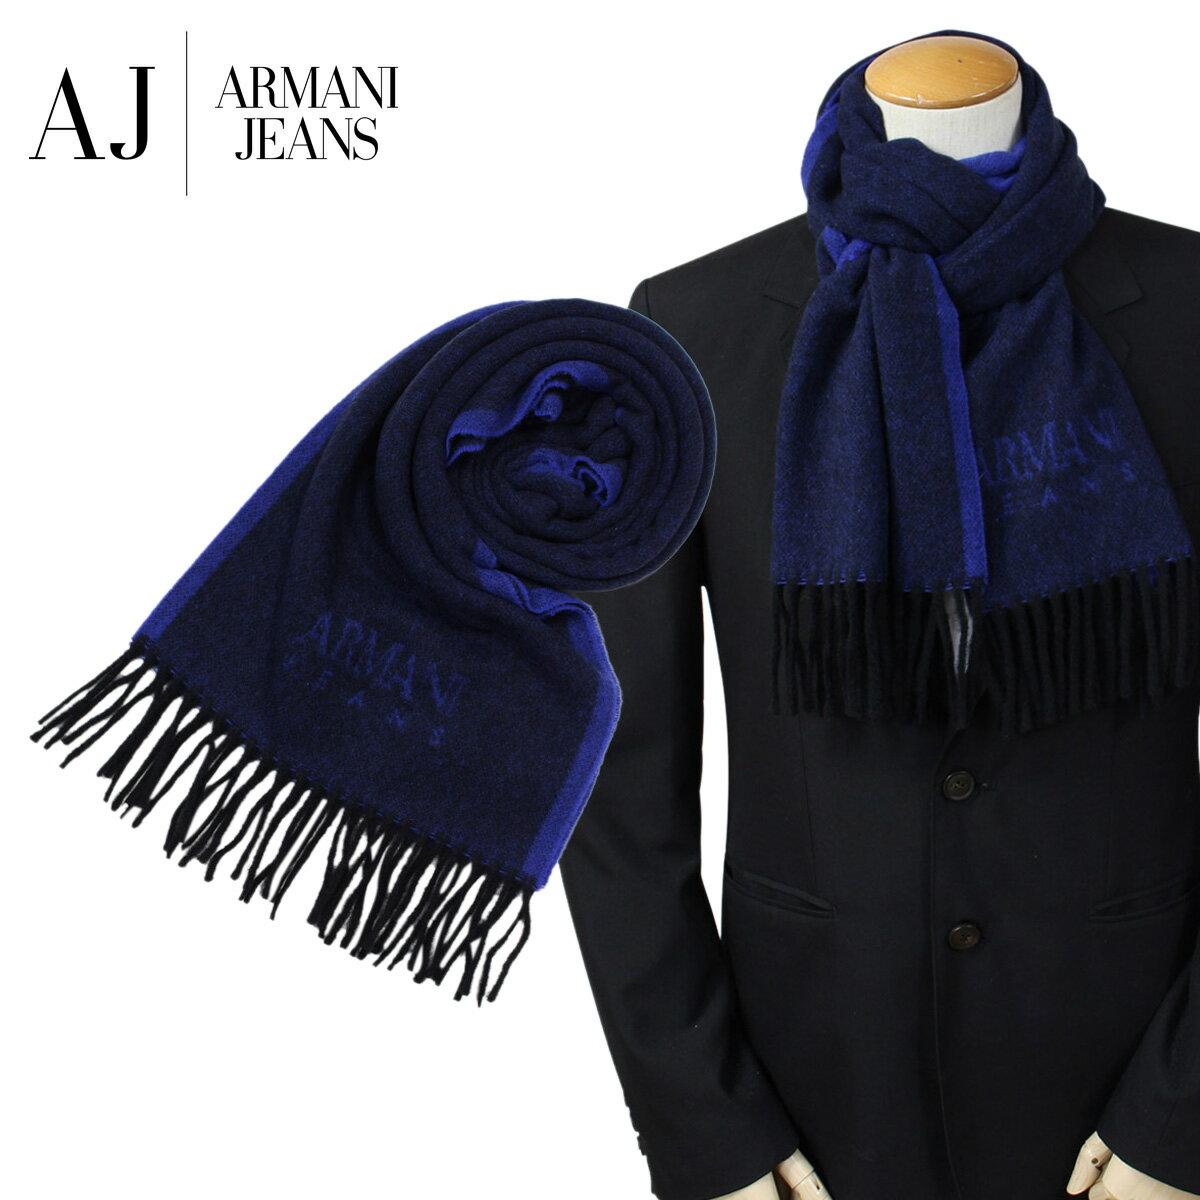 アルマーニ マフラー メンズ ARMANI JEANS ウール イタリア製 ビジネス カジュアル 934098 7A713 [12/7 追加入荷]